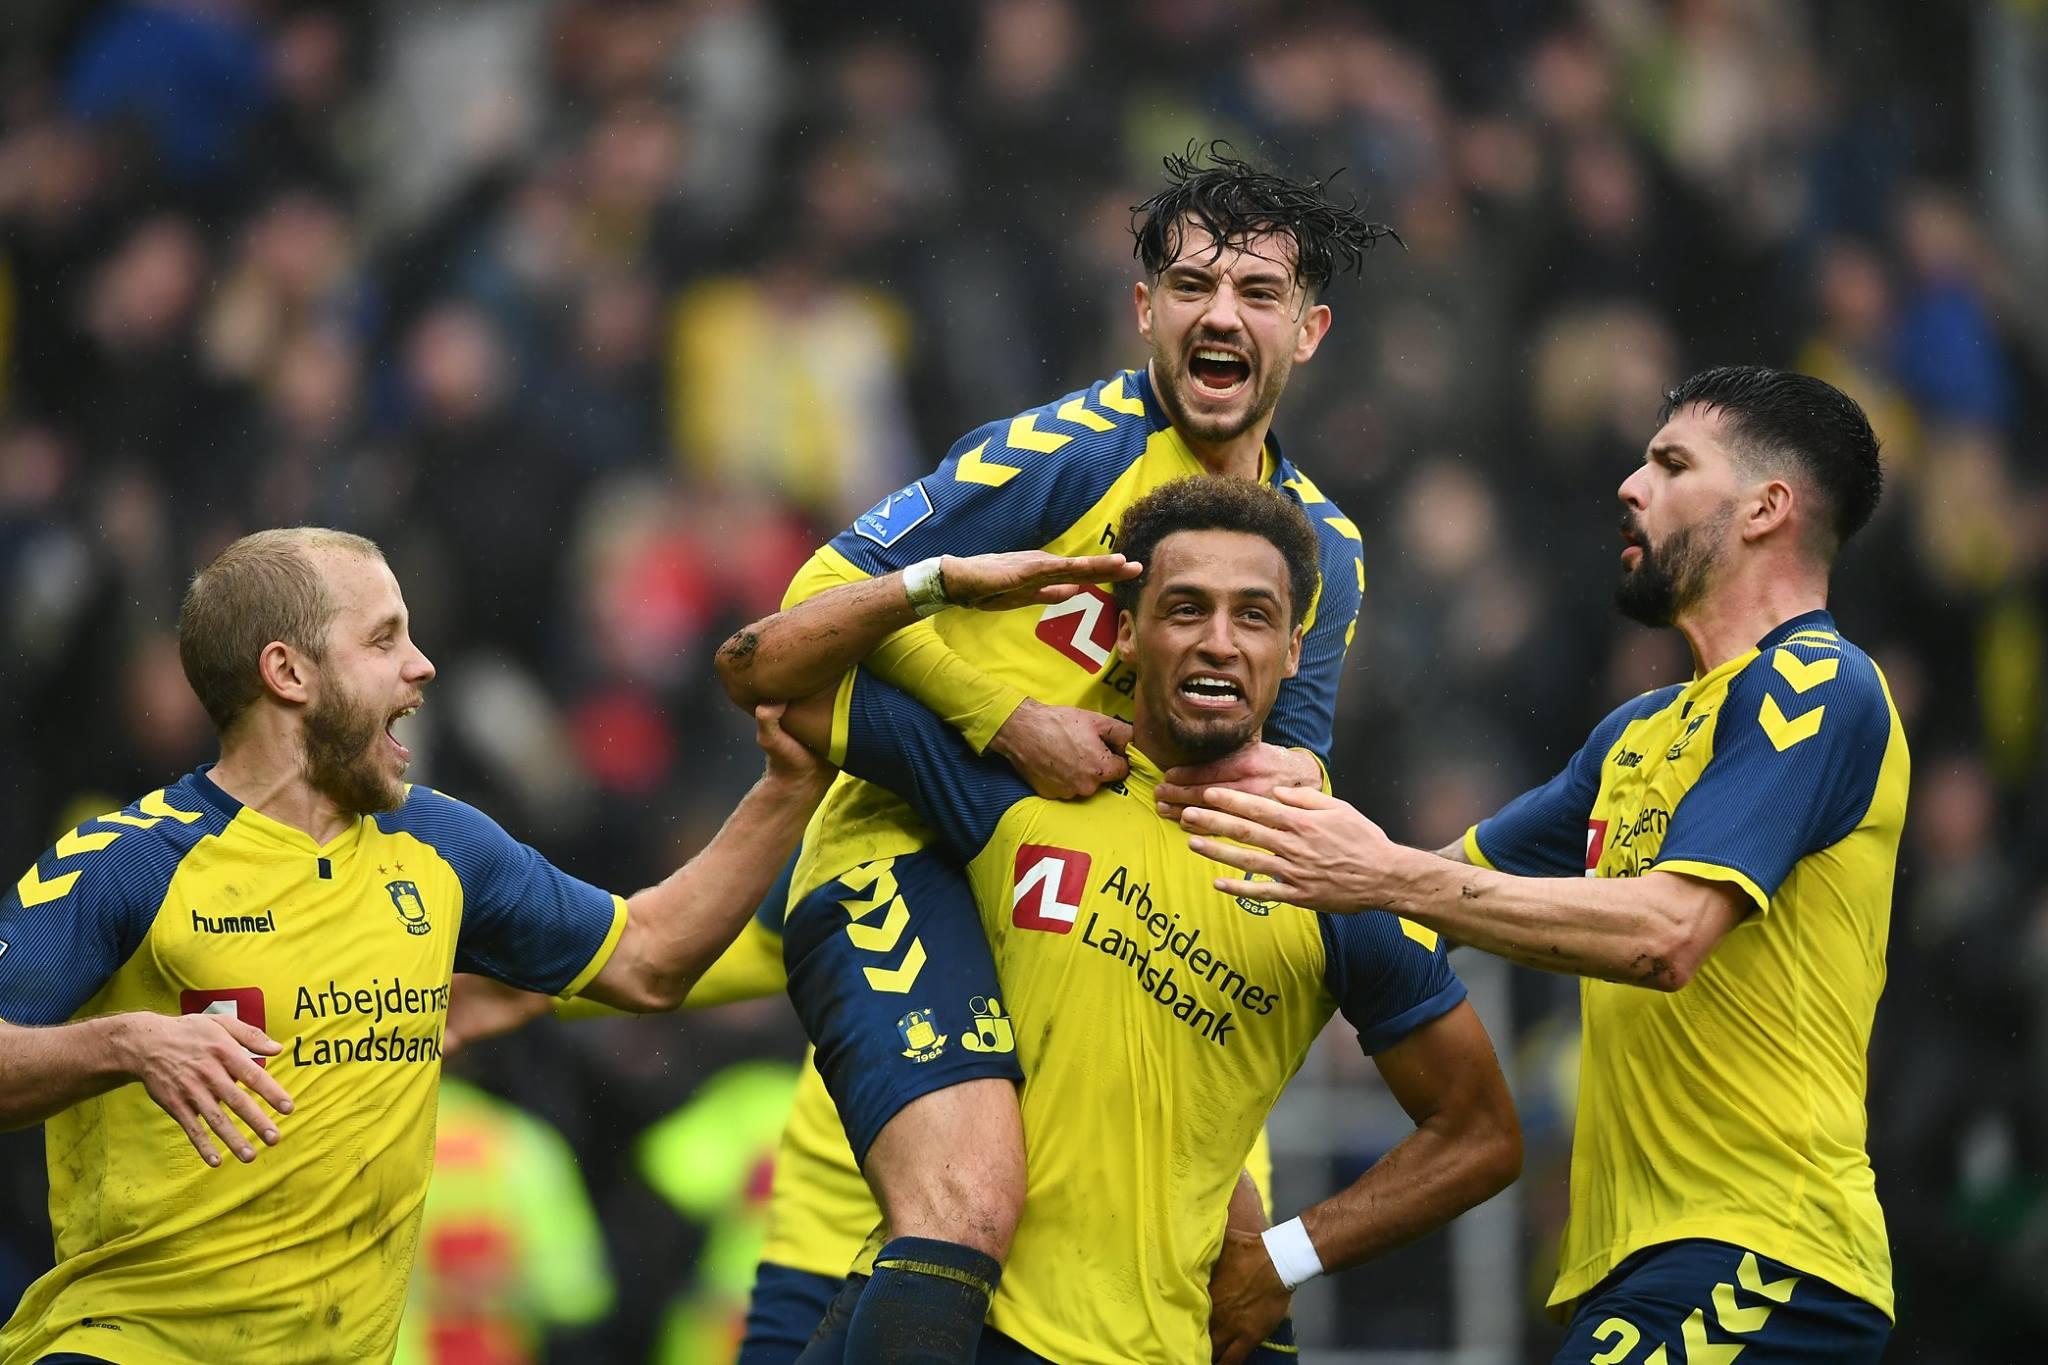 Europa League, Inter Turku-Brondby: festa danese al Veritas Stadion?